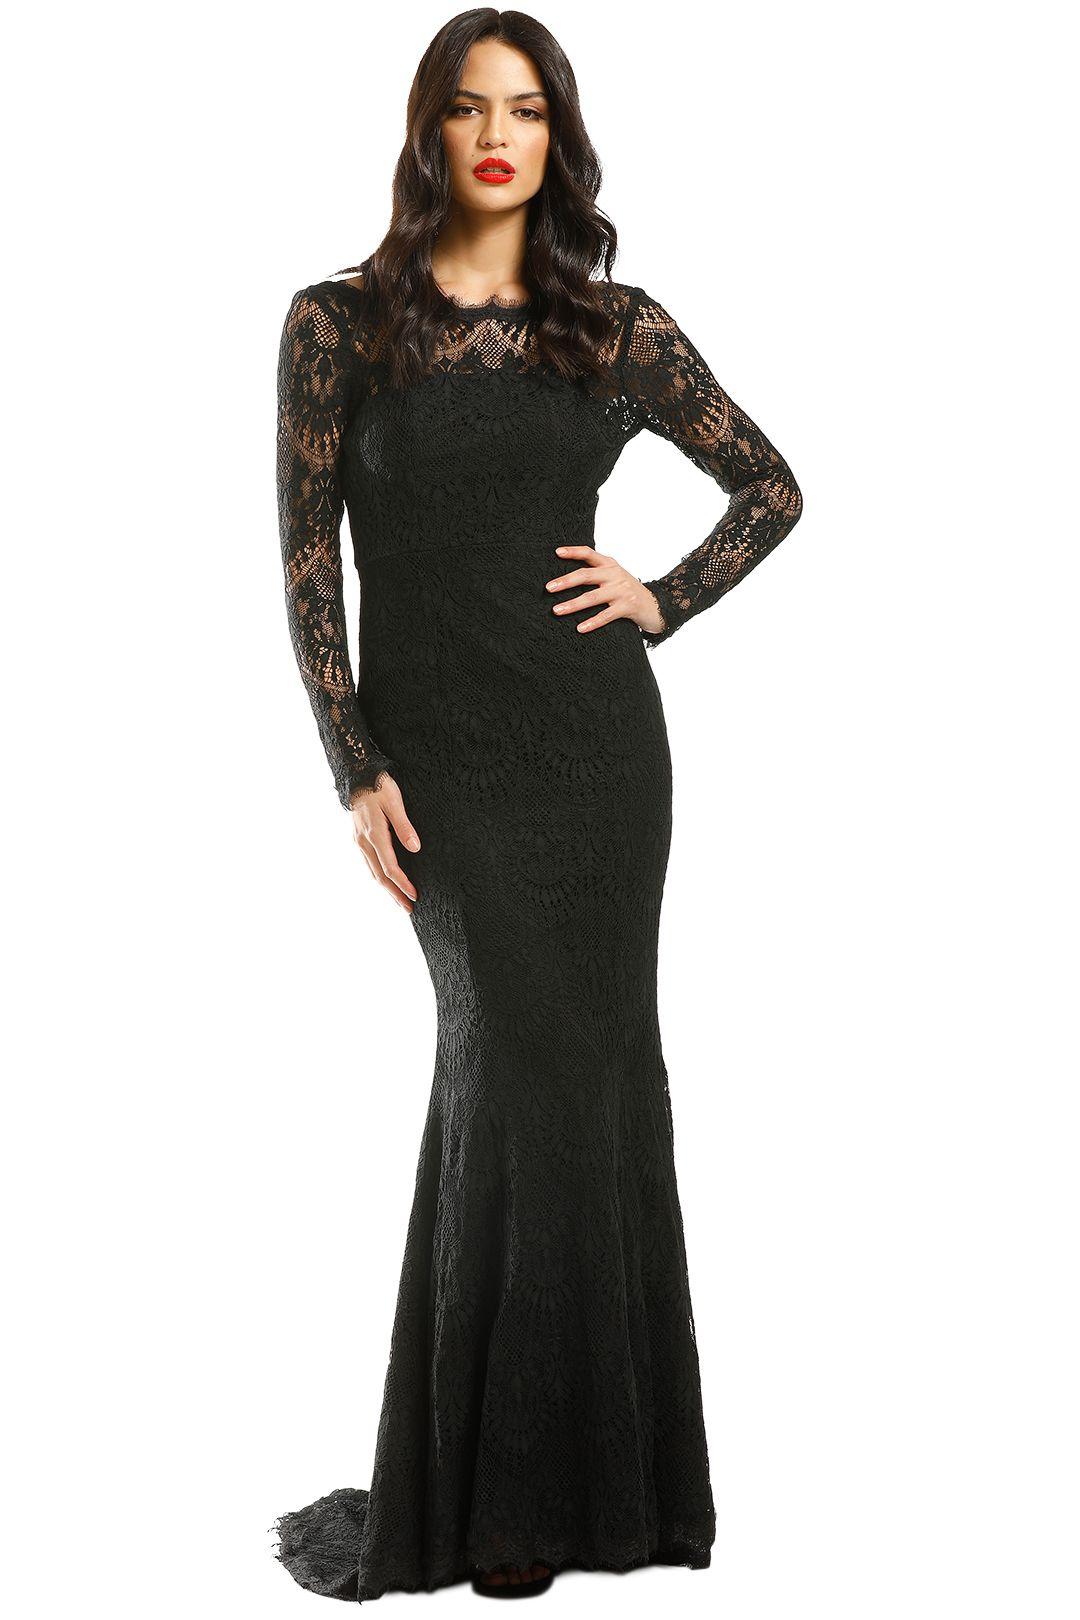 Samantha-Rose-La-Rochelle-Gown-Black-Front